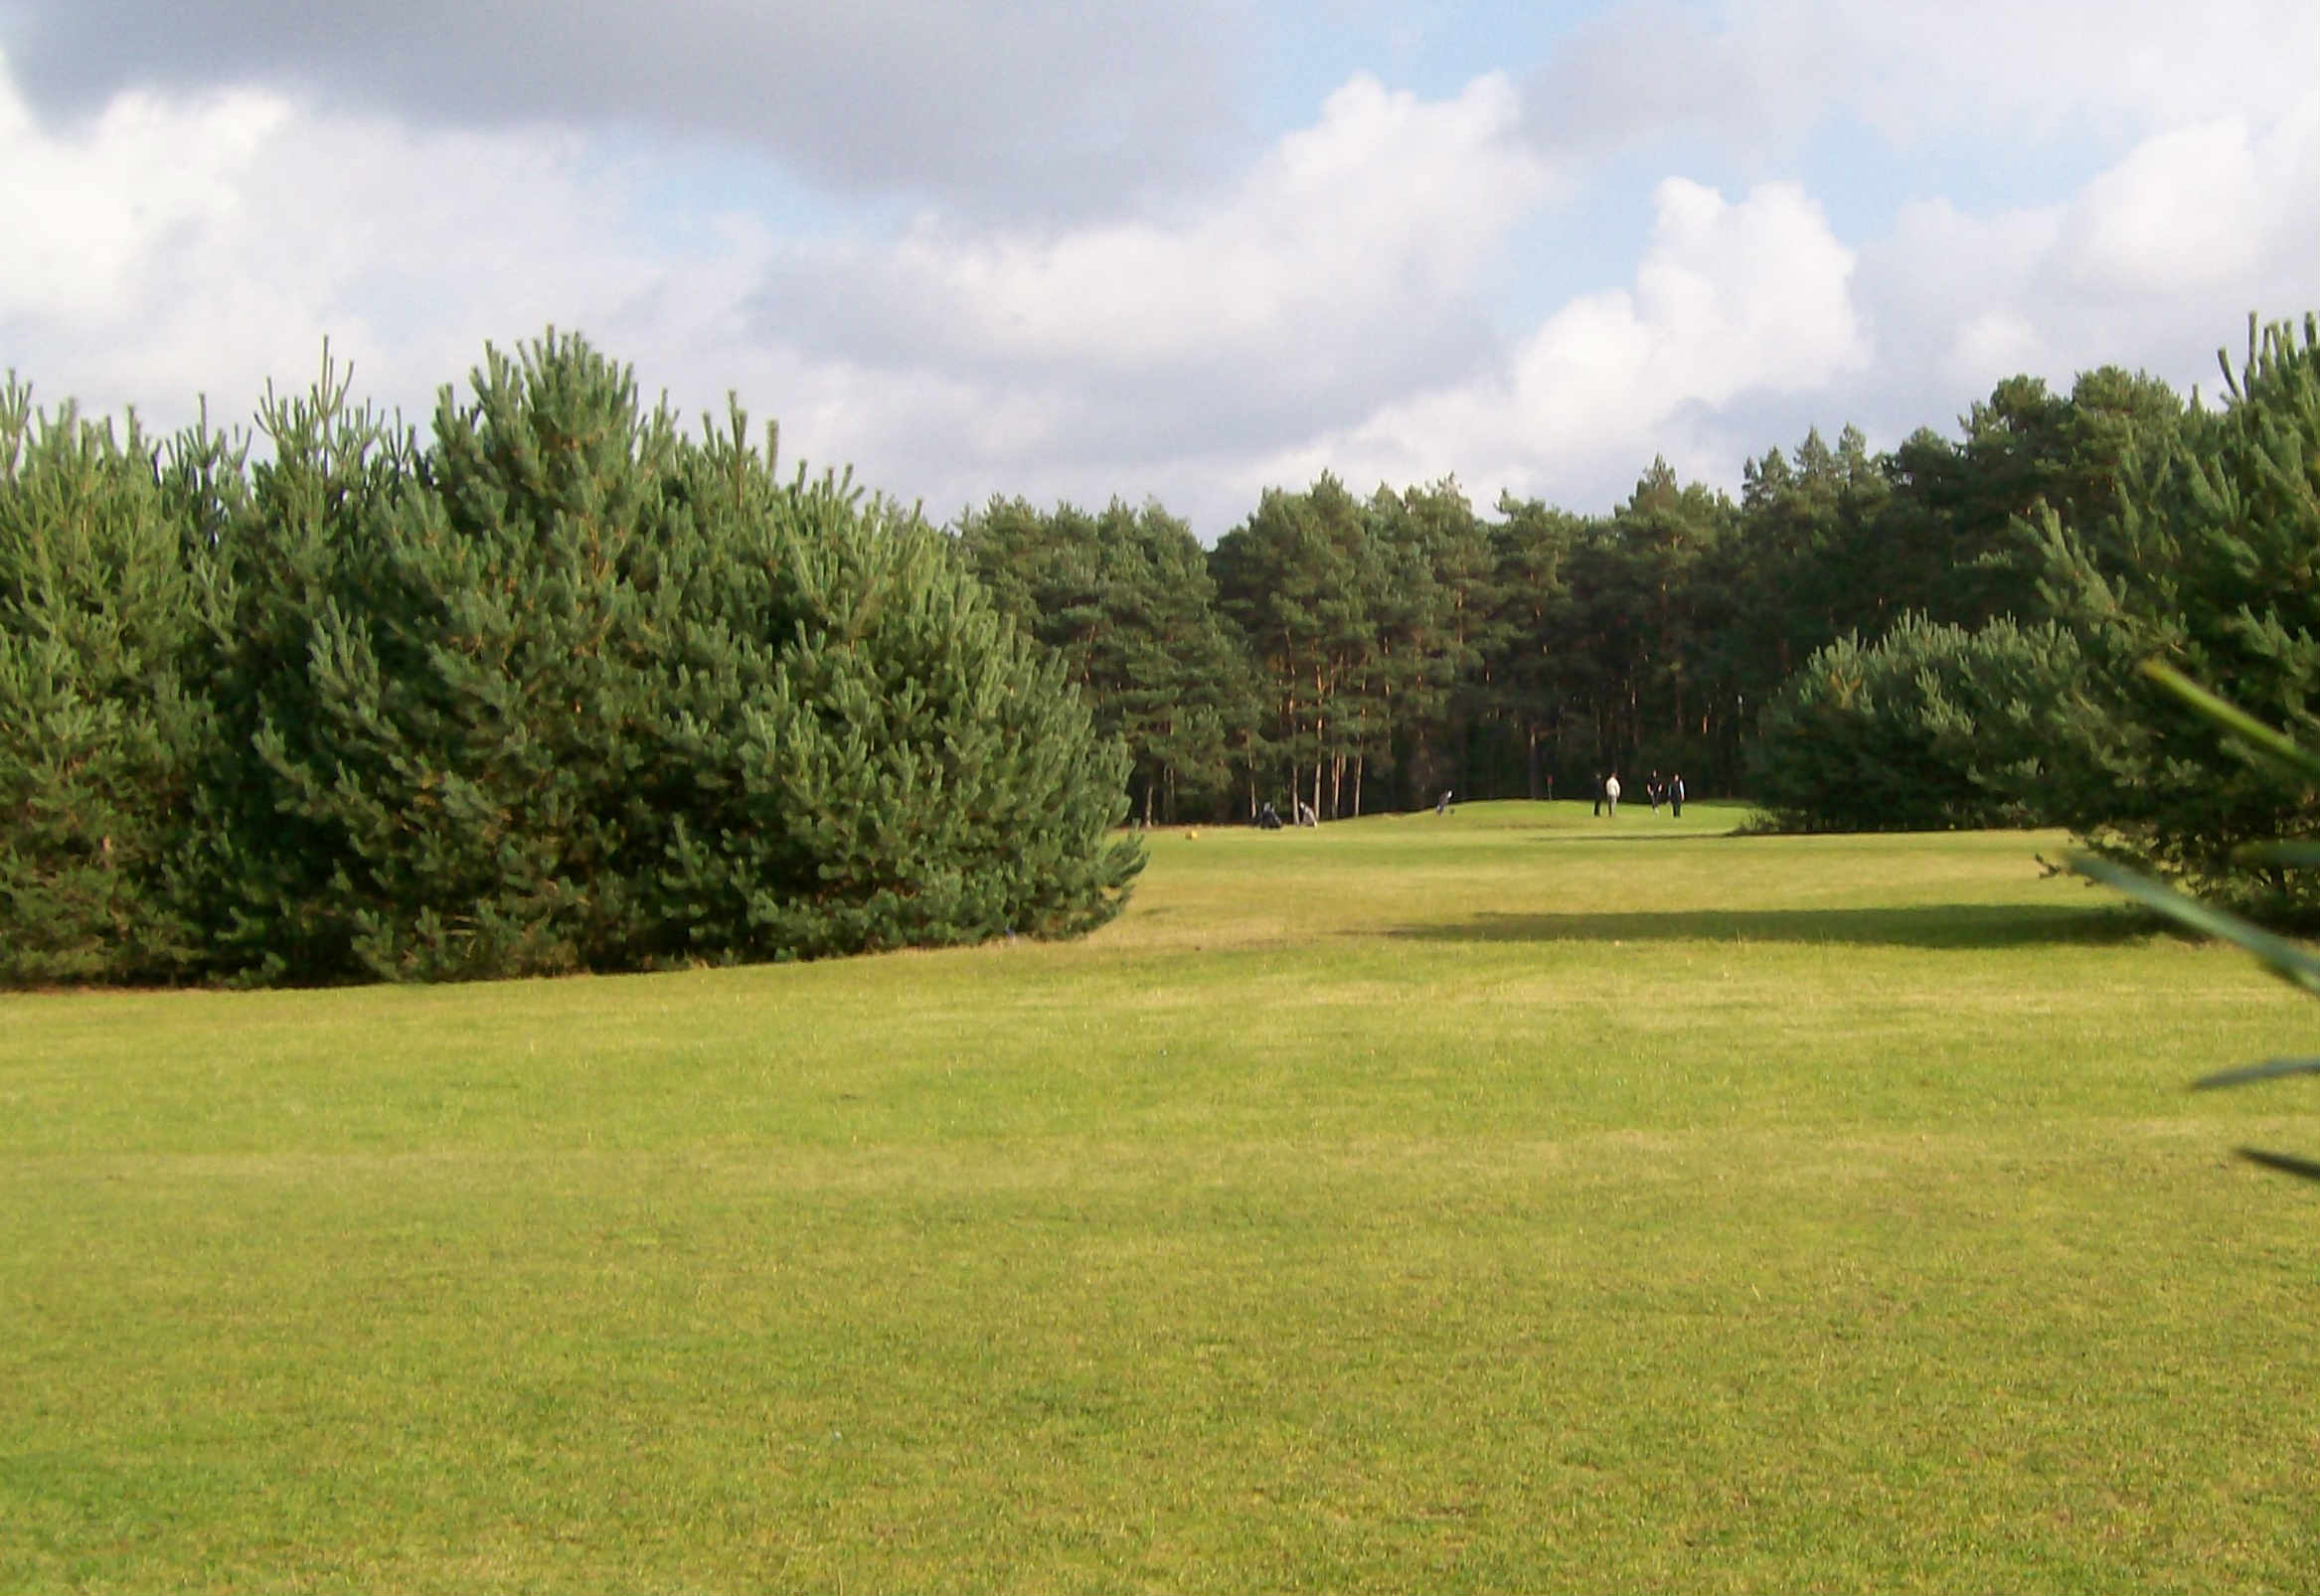 Schöne Grünanlagen mit Teichen und Büschen gibt es immer wieder auf der Anlage.(Foto: Golfclub Aukrug)